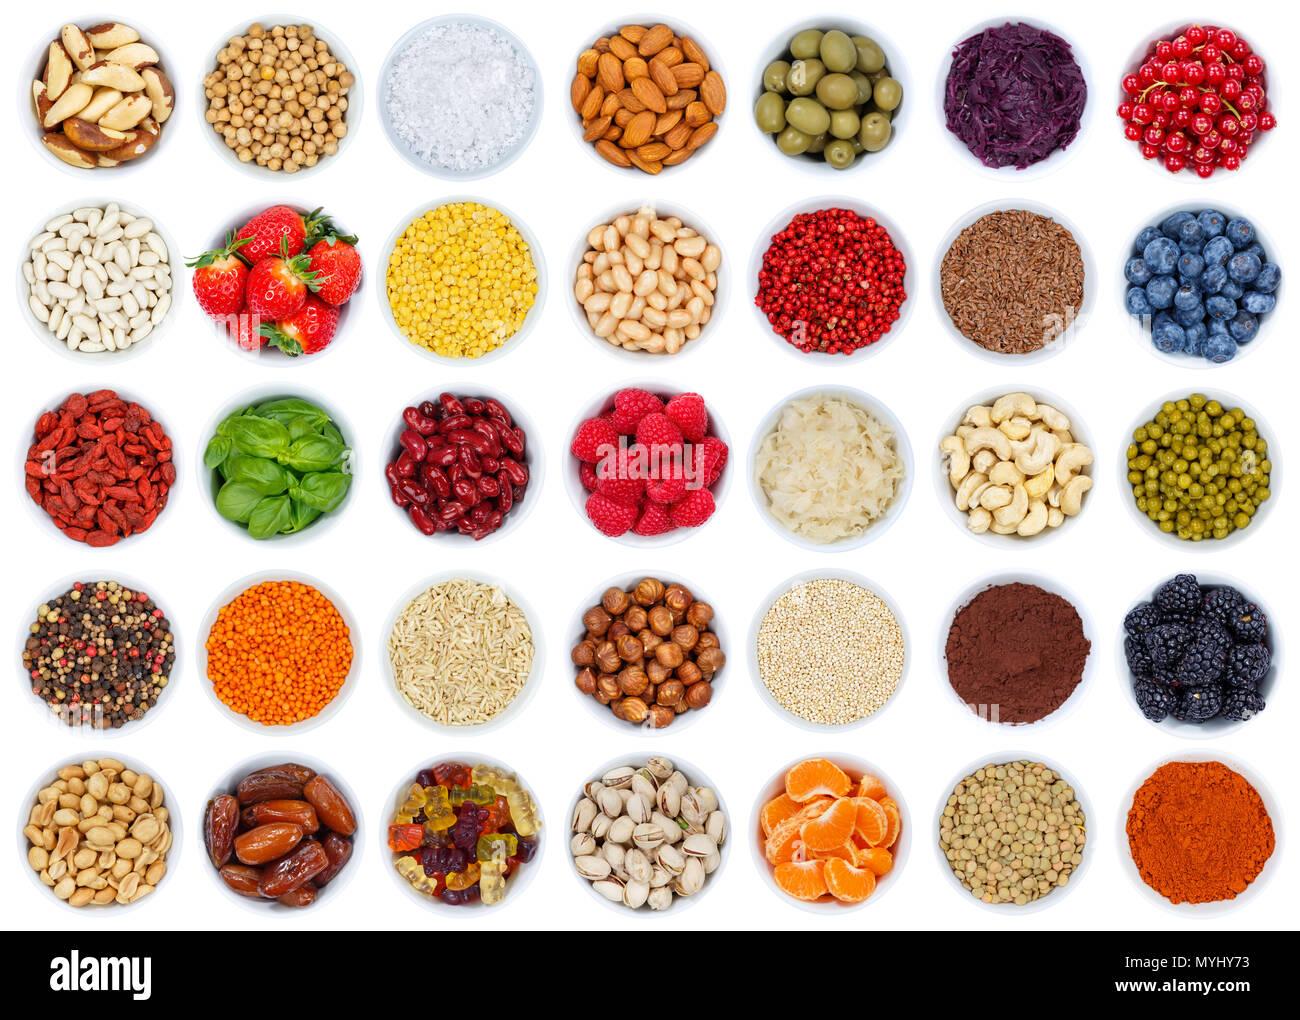 Sammlung von Obst und Gemüse Beeren von oben auf weißem Hintergrund Stockbild